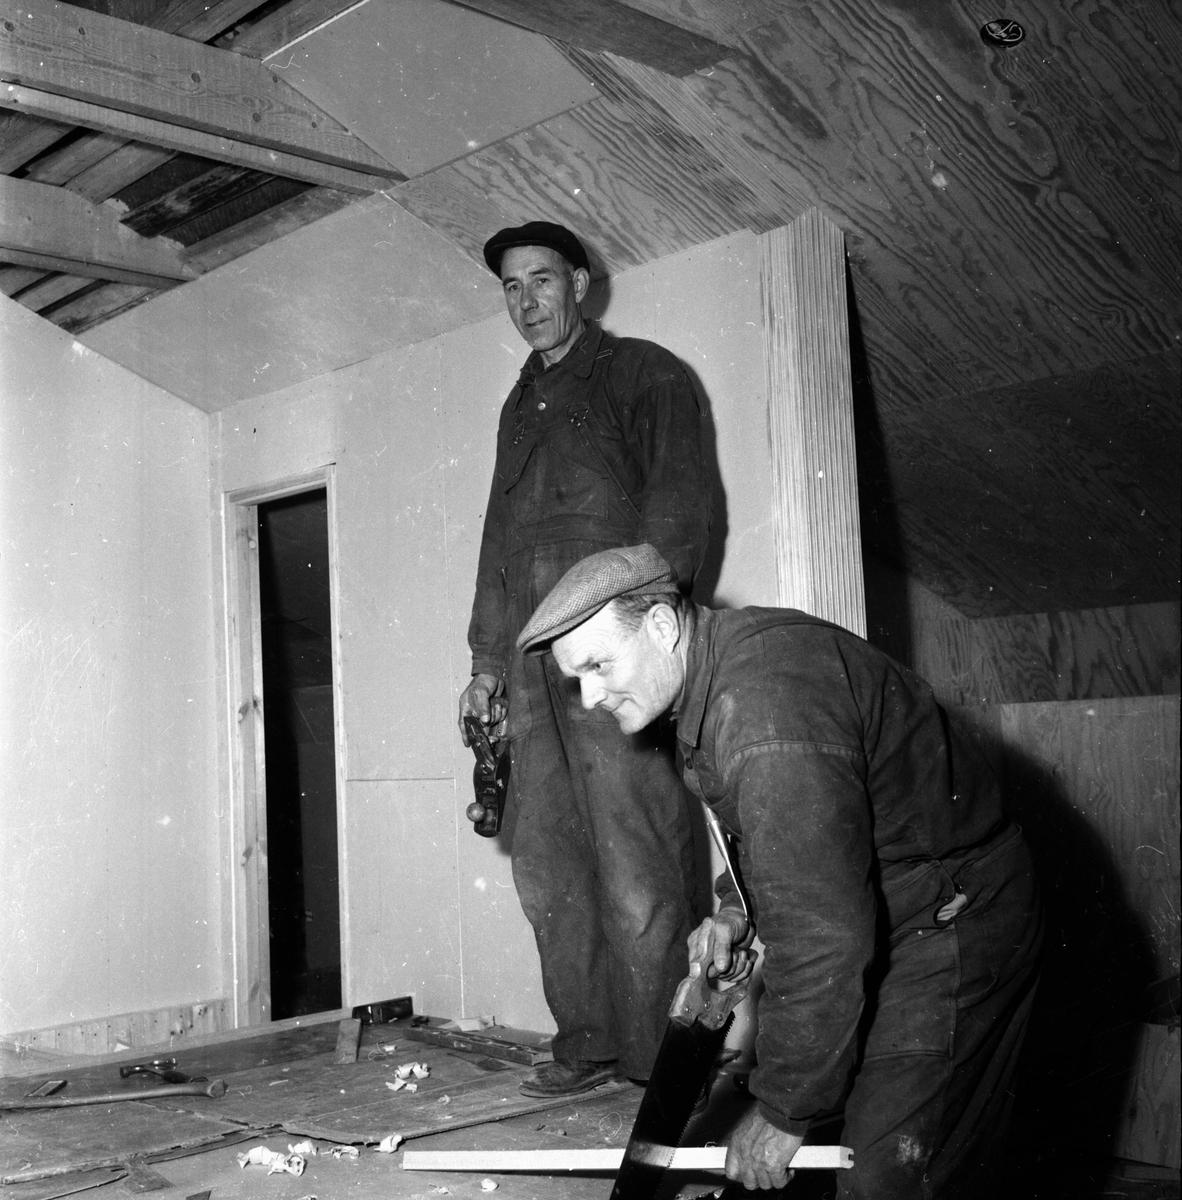 Lokalen på skolvinden. Edsbyn november 1956